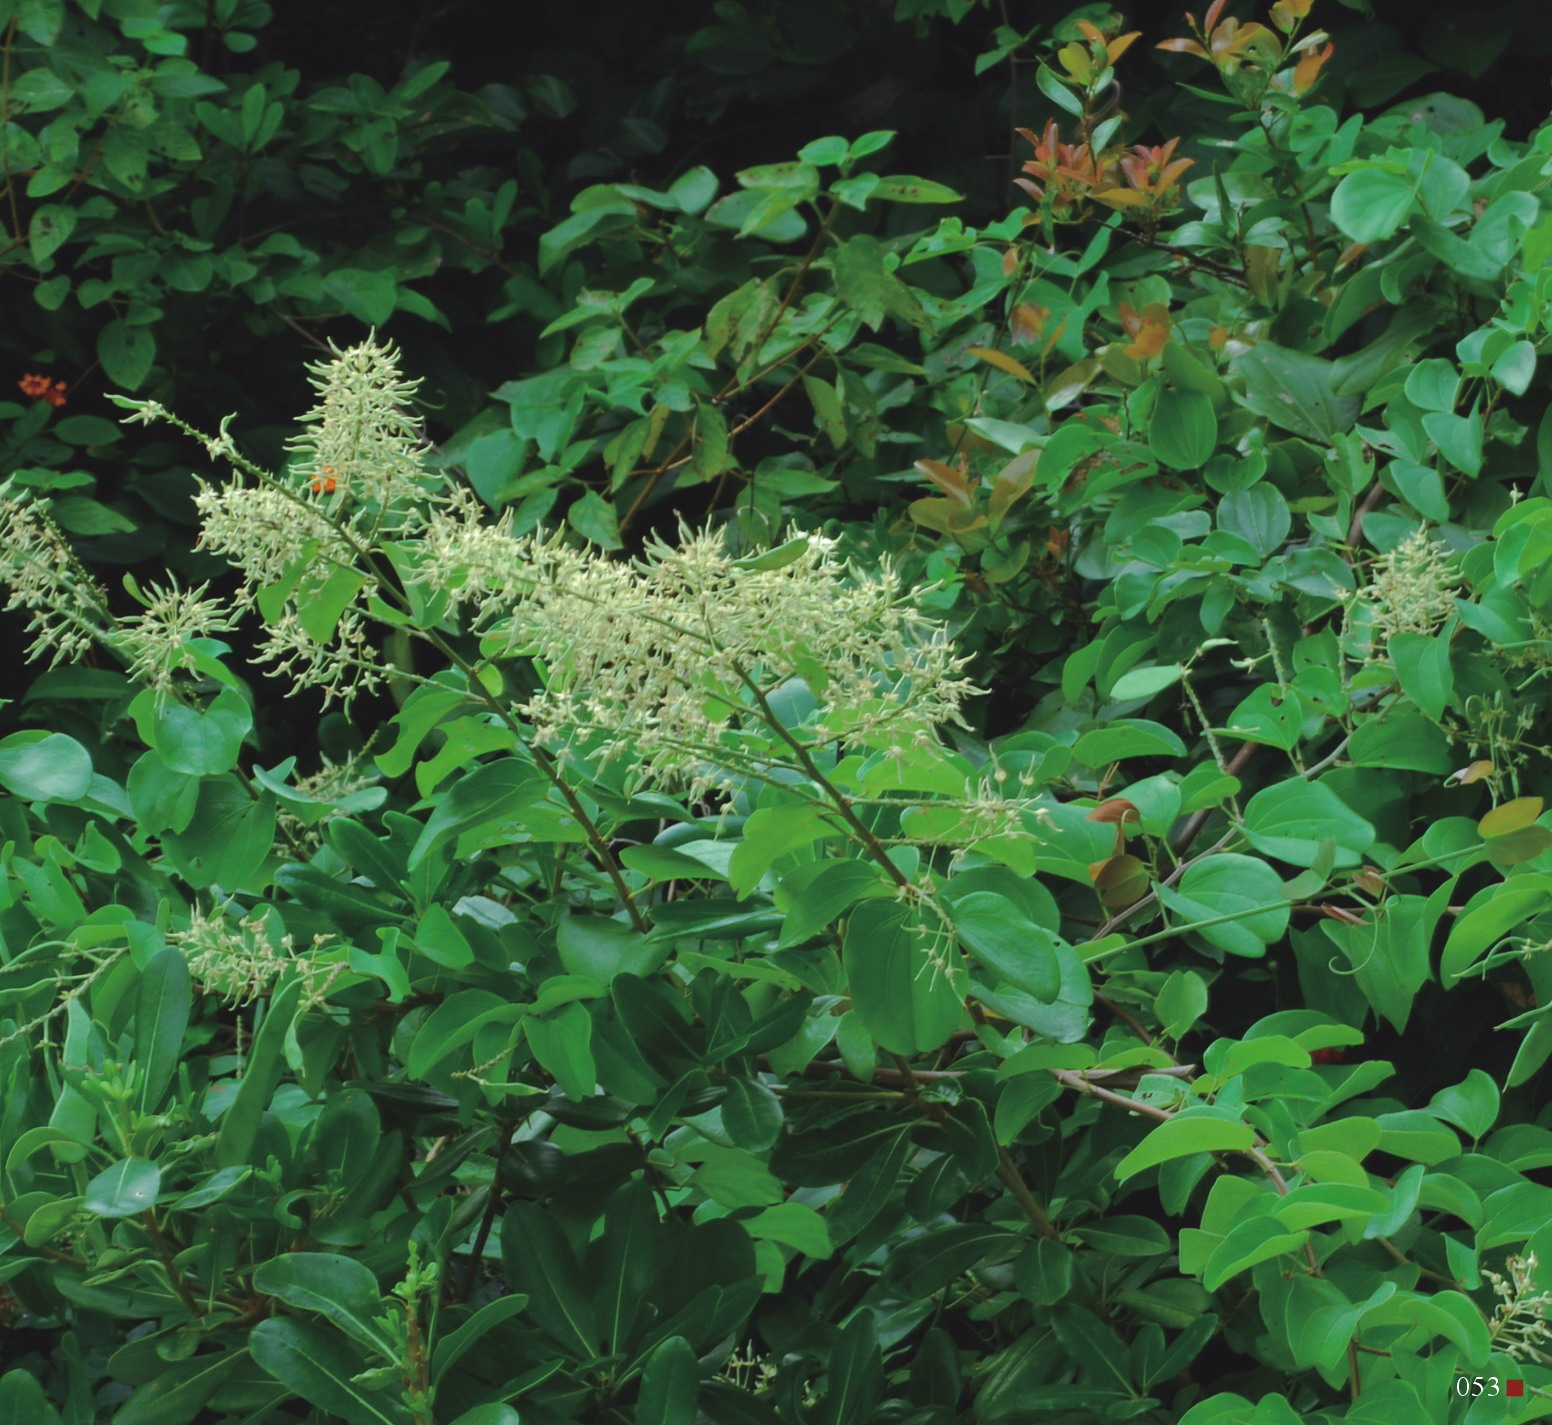 菊花木因其莖橫斷面呈菊花紋而得名,多出現在低海拔的山區